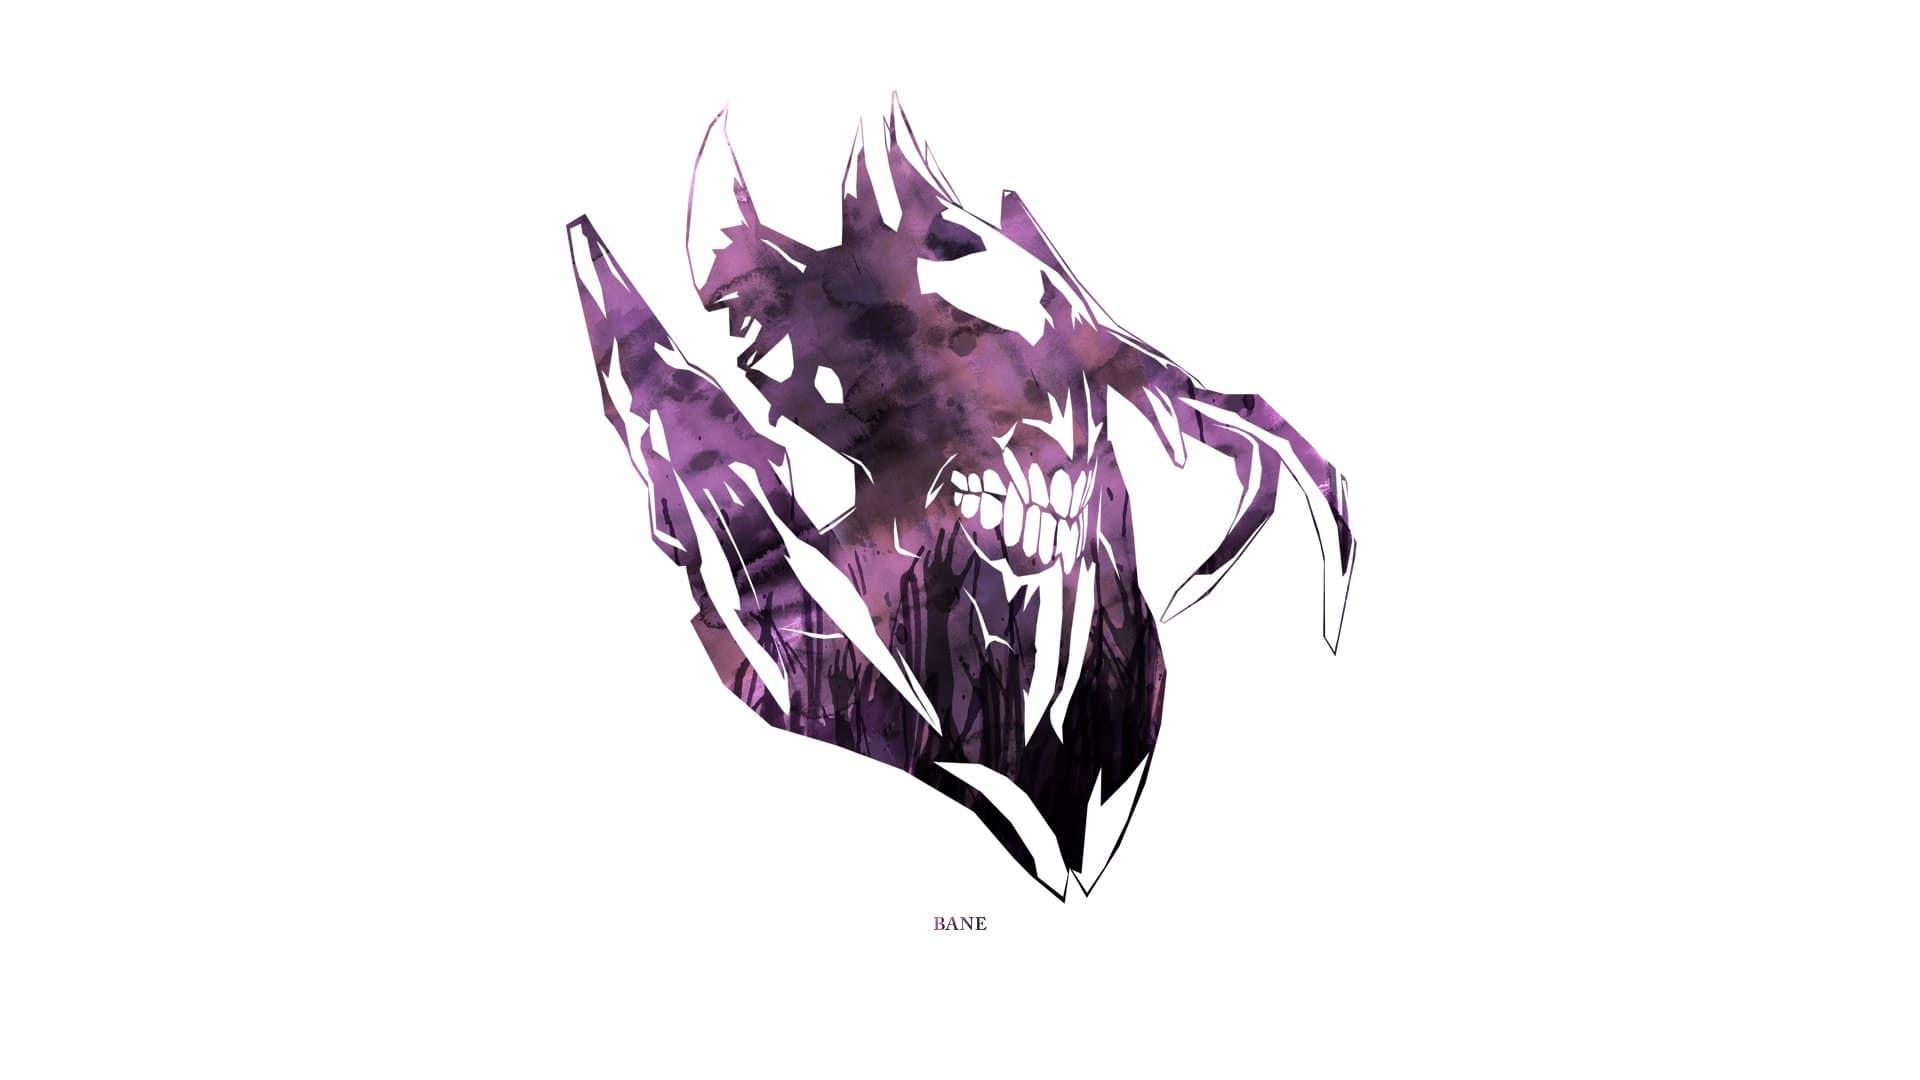 Dota2 : Bane desktop wallpaper